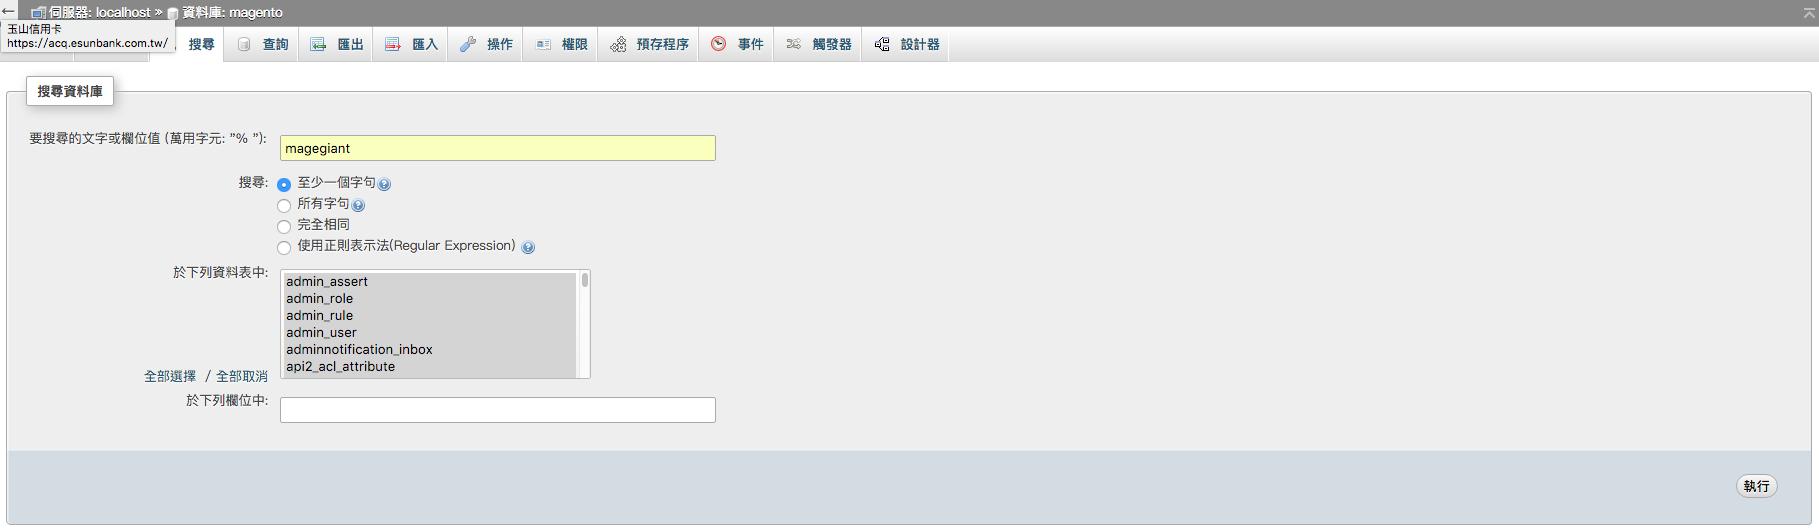 phpMyAdmin_Search